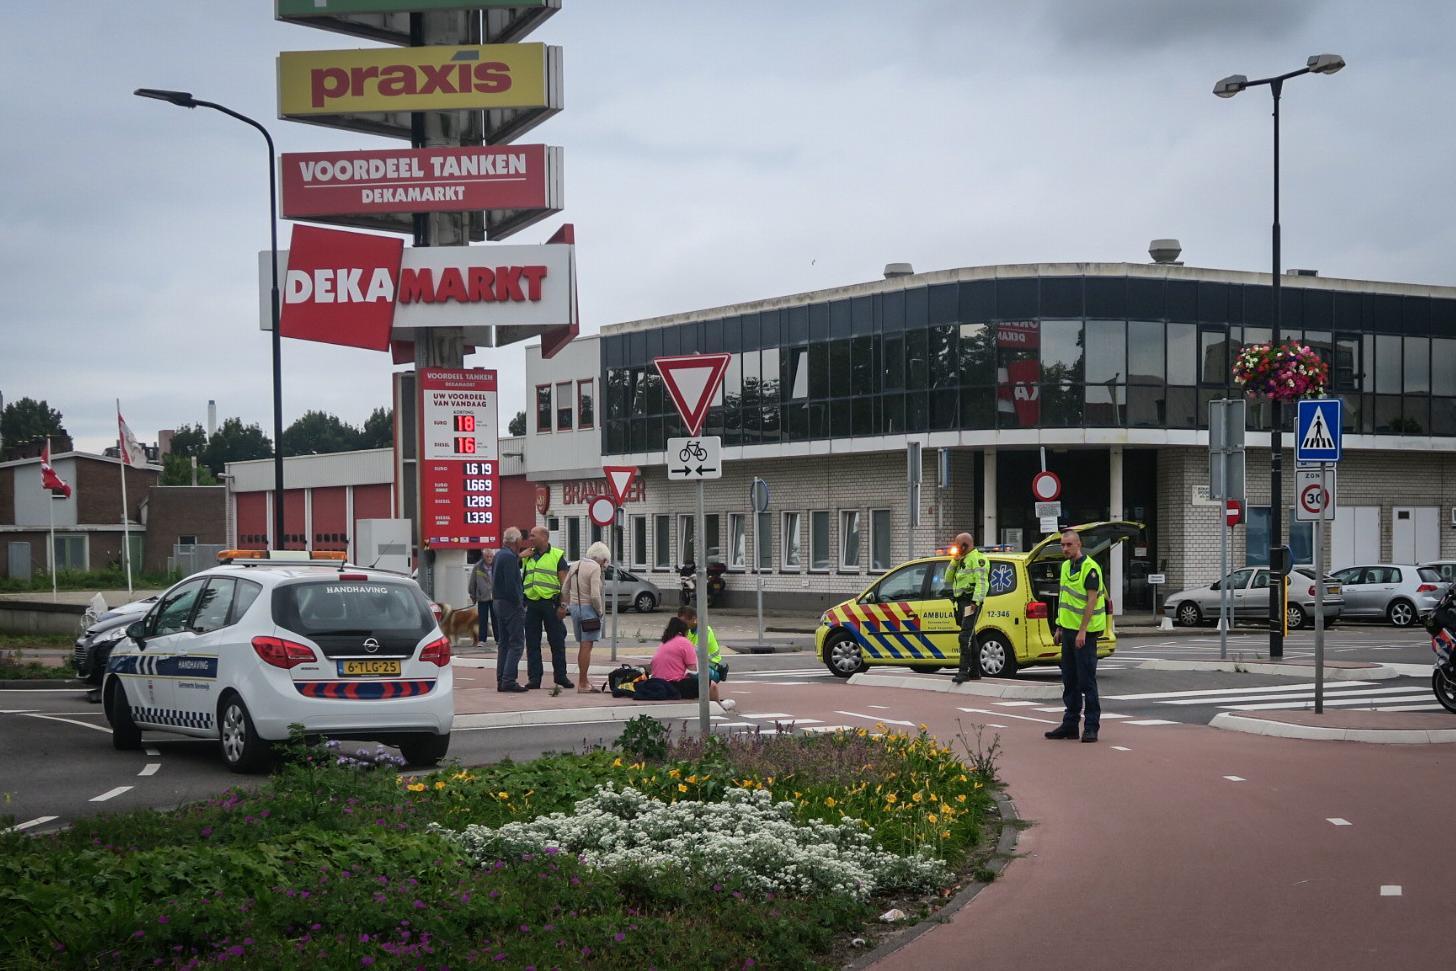 Vrouw gewond bij aanrijding met auto in Beverwijk